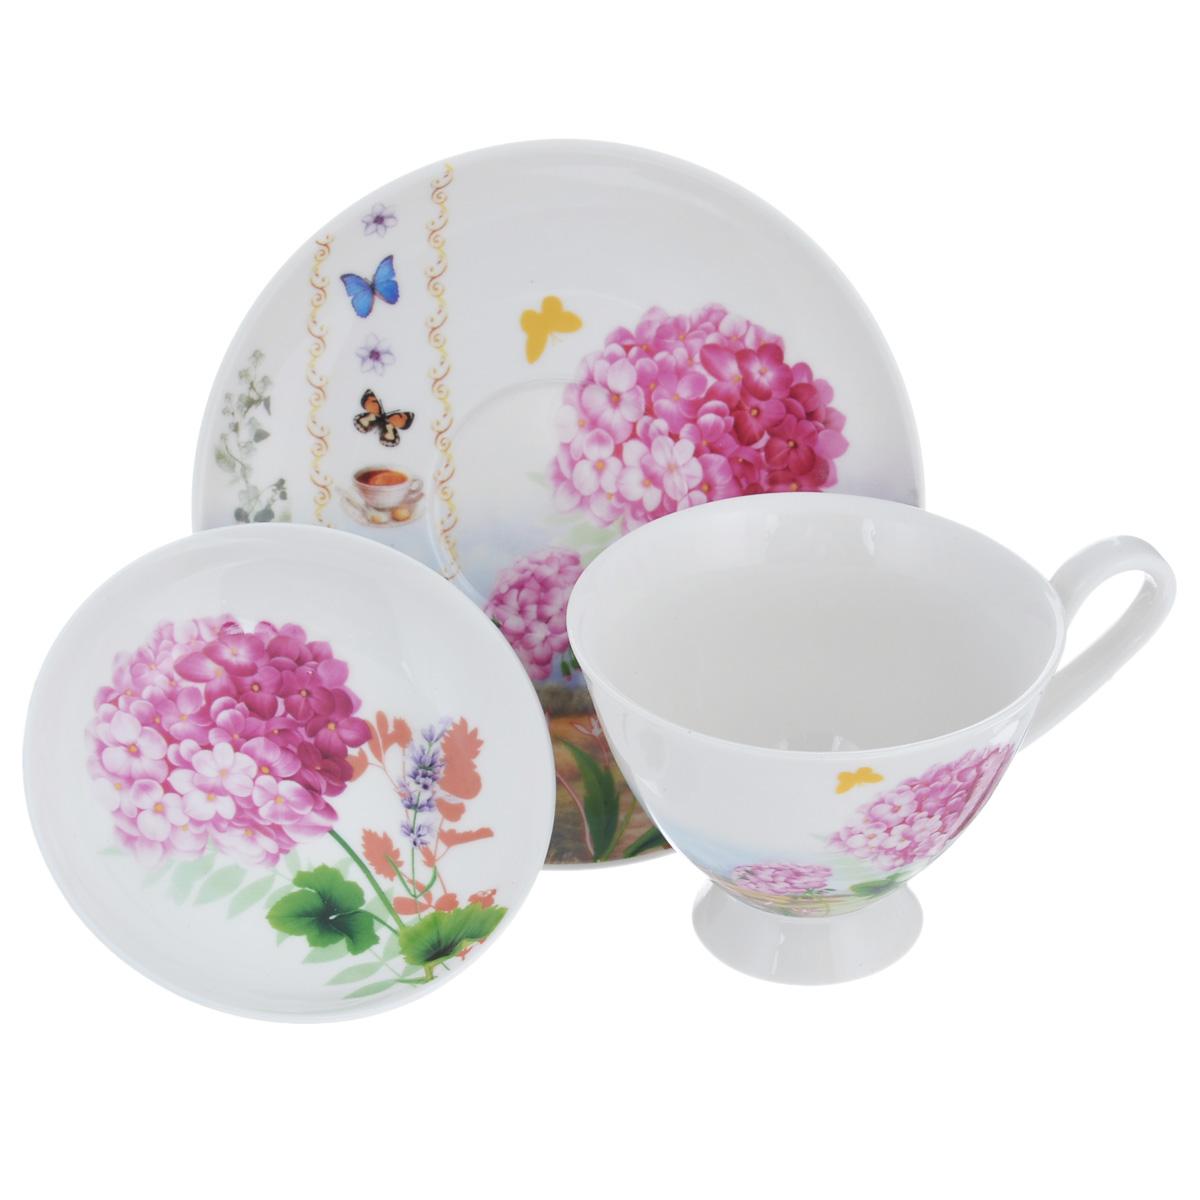 Набор чайный Lillo, 3 предмета. 9353293532Чайный набор Lillo состоит из чашки и двух блюдец, изготовленных из высококачественного фарфора. Предметы набора декорированы ярким цветочным принтом. Чайный набор яркого и в тоже время простого дизайна сделает ежедневное чаепитие настоящим праздником. Можно использовать в микроволновой печи. Не рекомендуется мыть в посудомоечной машине.